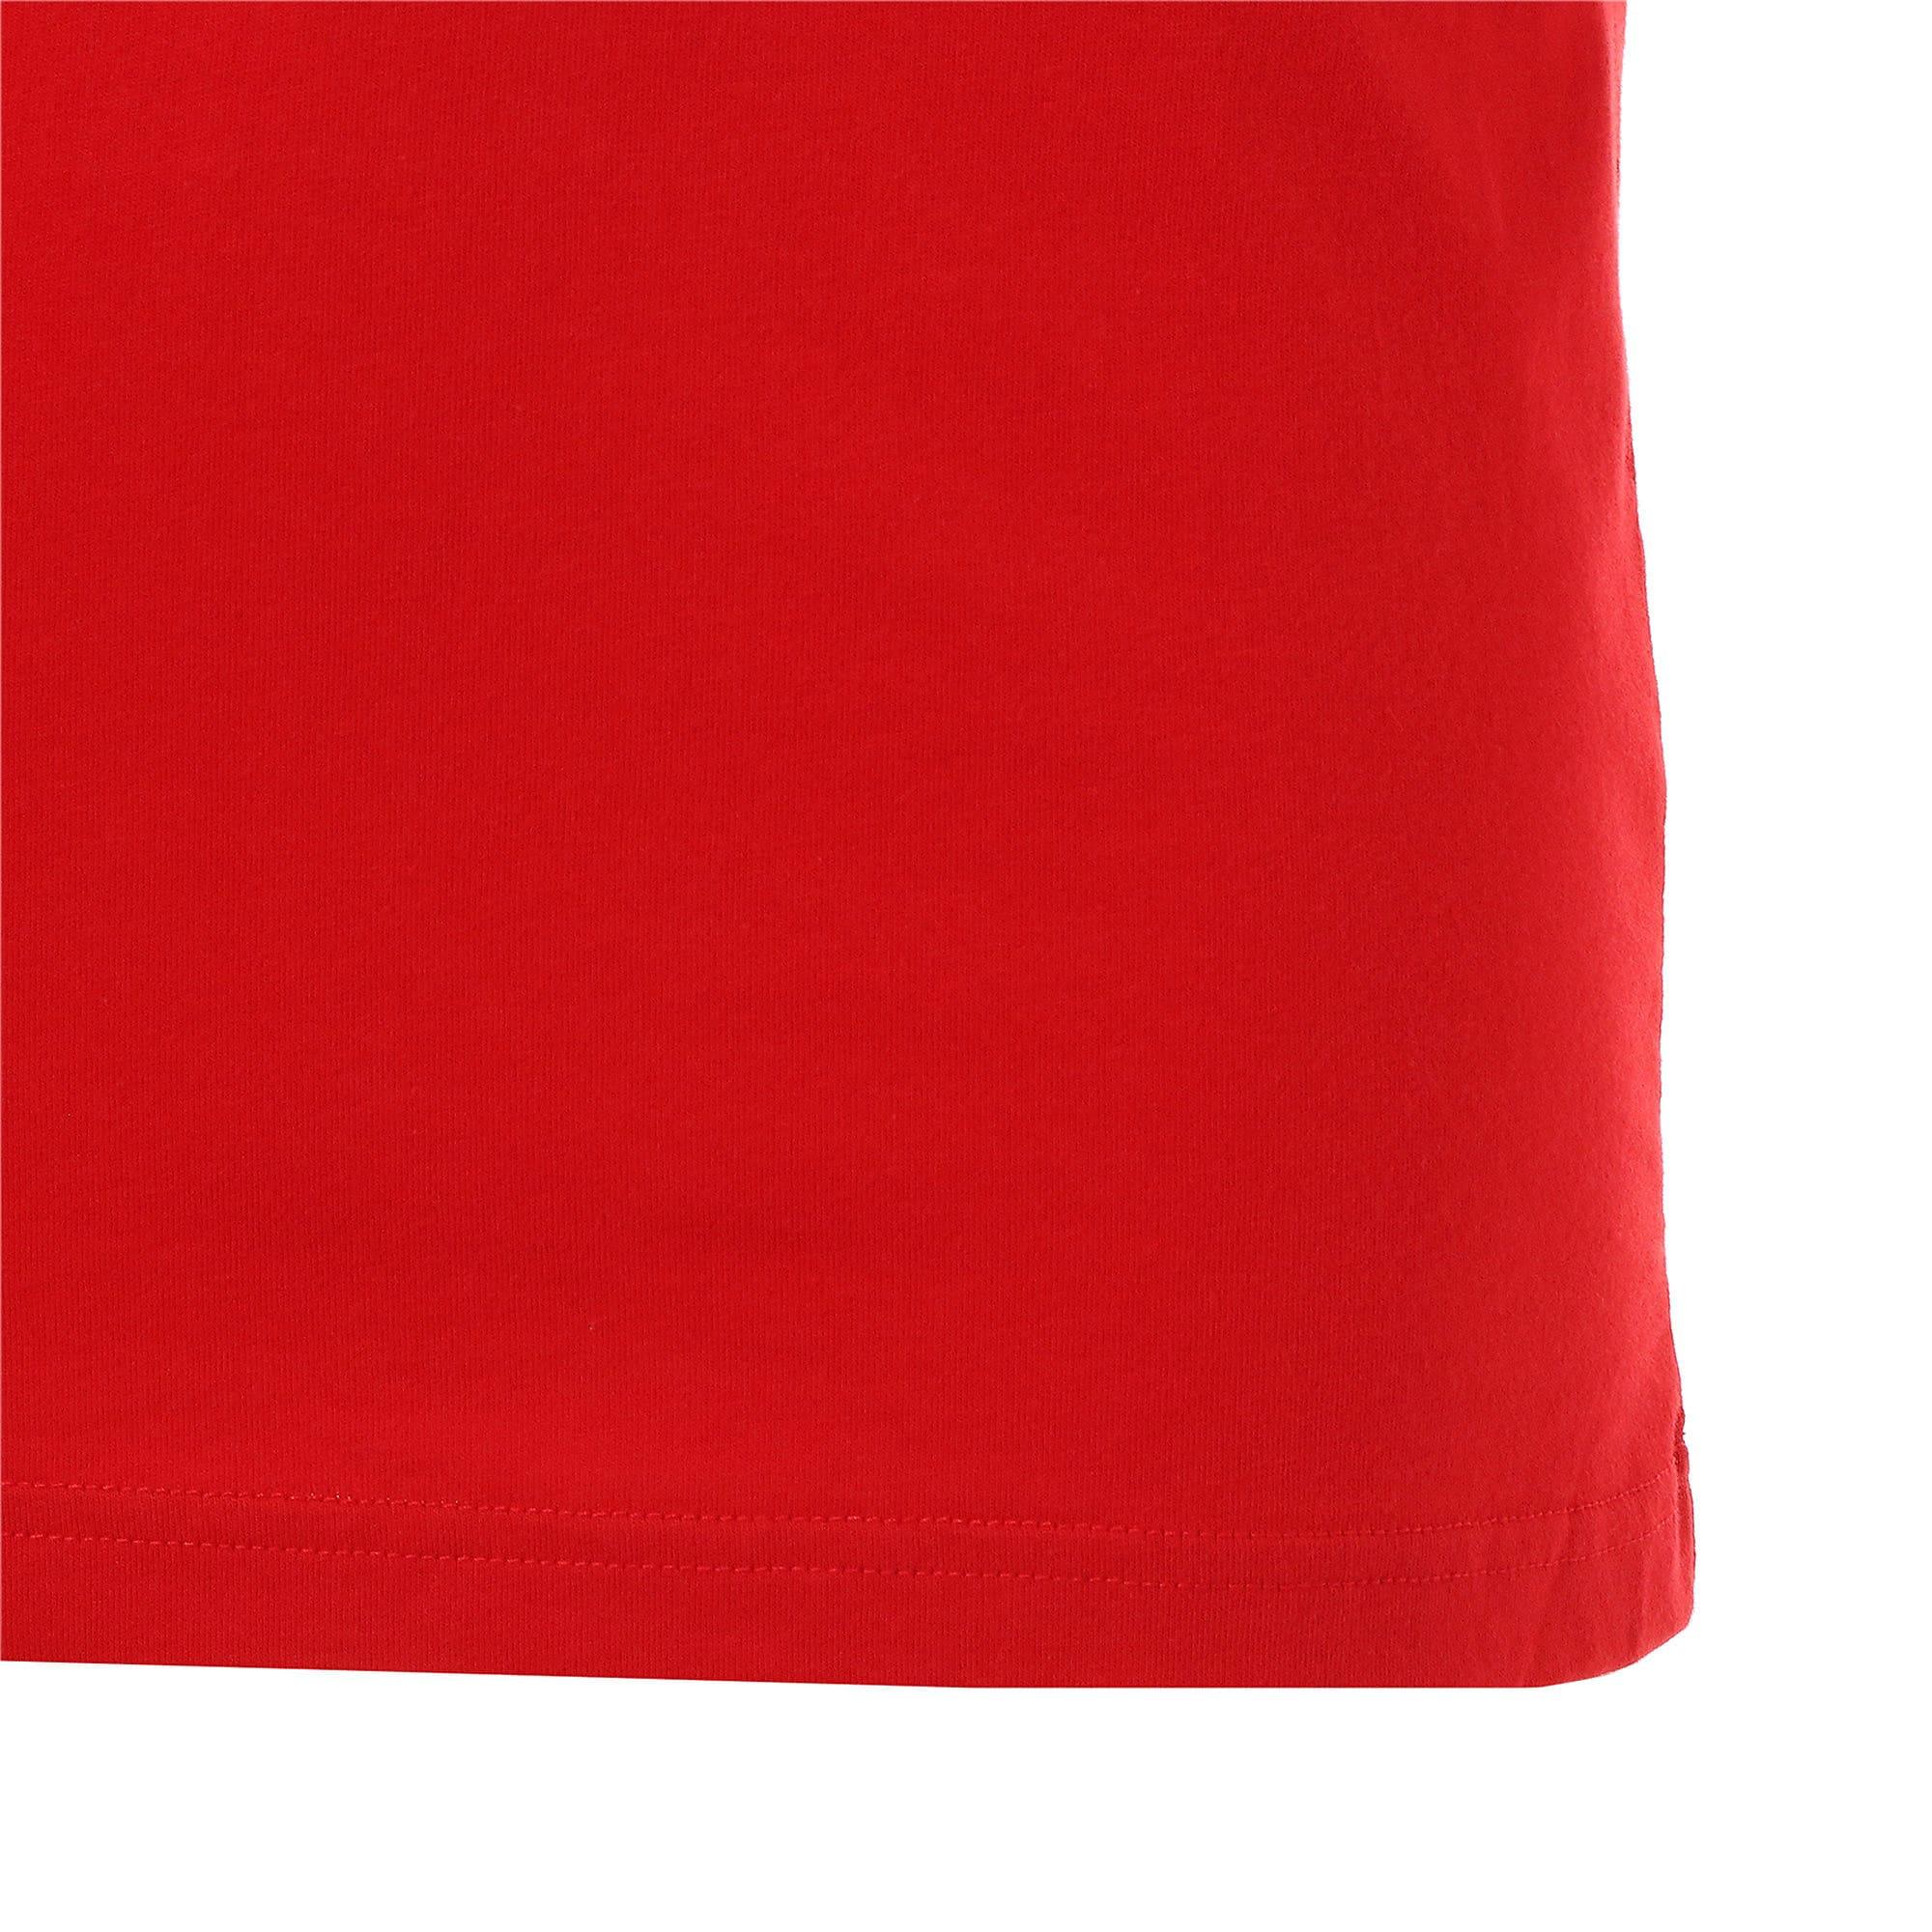 Thumbnail 6 of フェラーリ ビッグシールド Tシャツ + 半袖, Rosso Corsa, medium-JPN